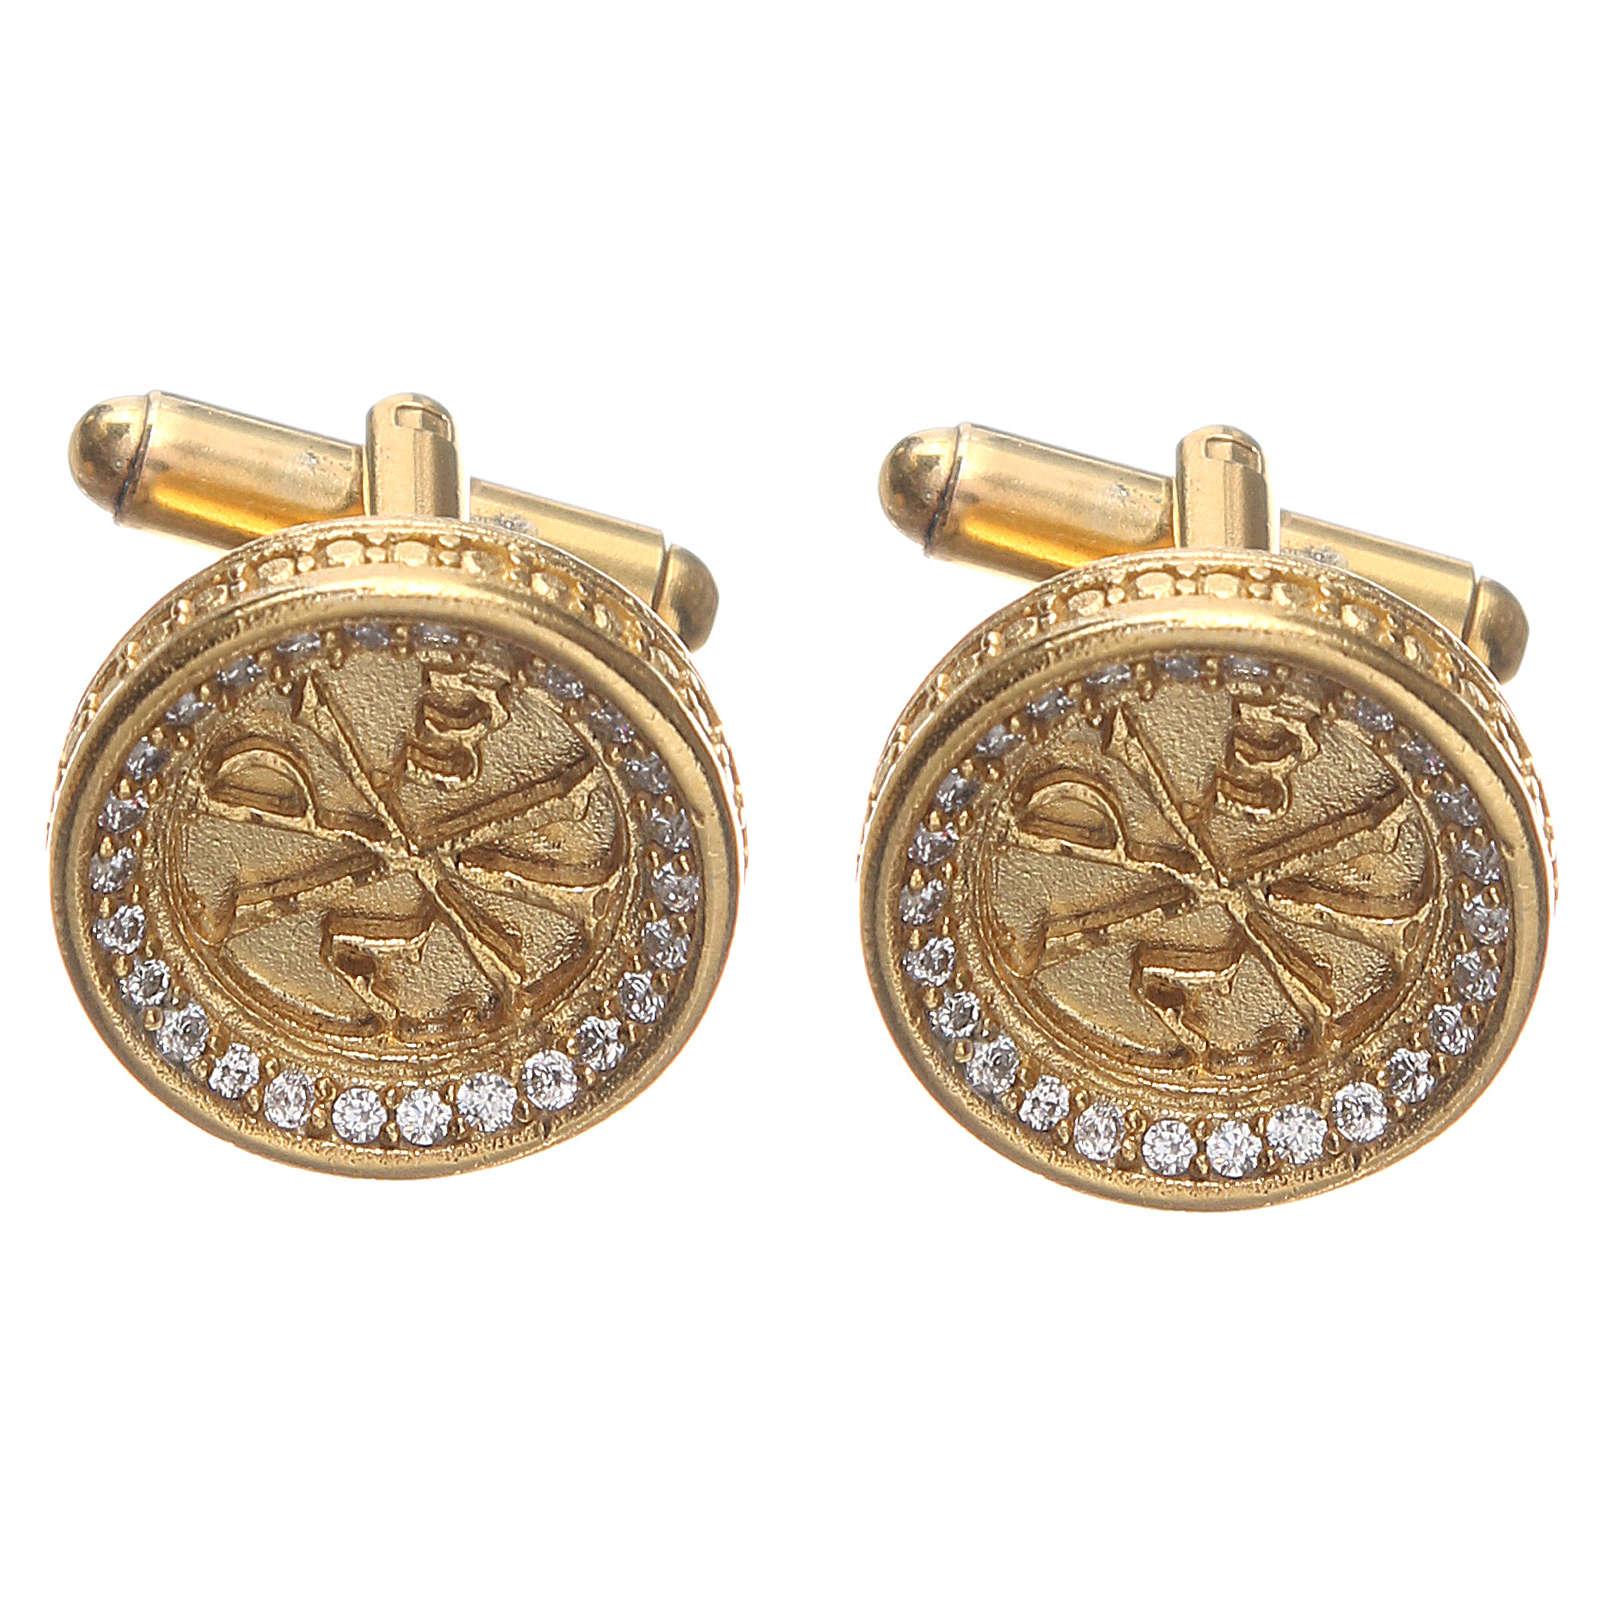 Boutons de manchettes arg 800 doré symbole Pax 1,7 cm 4